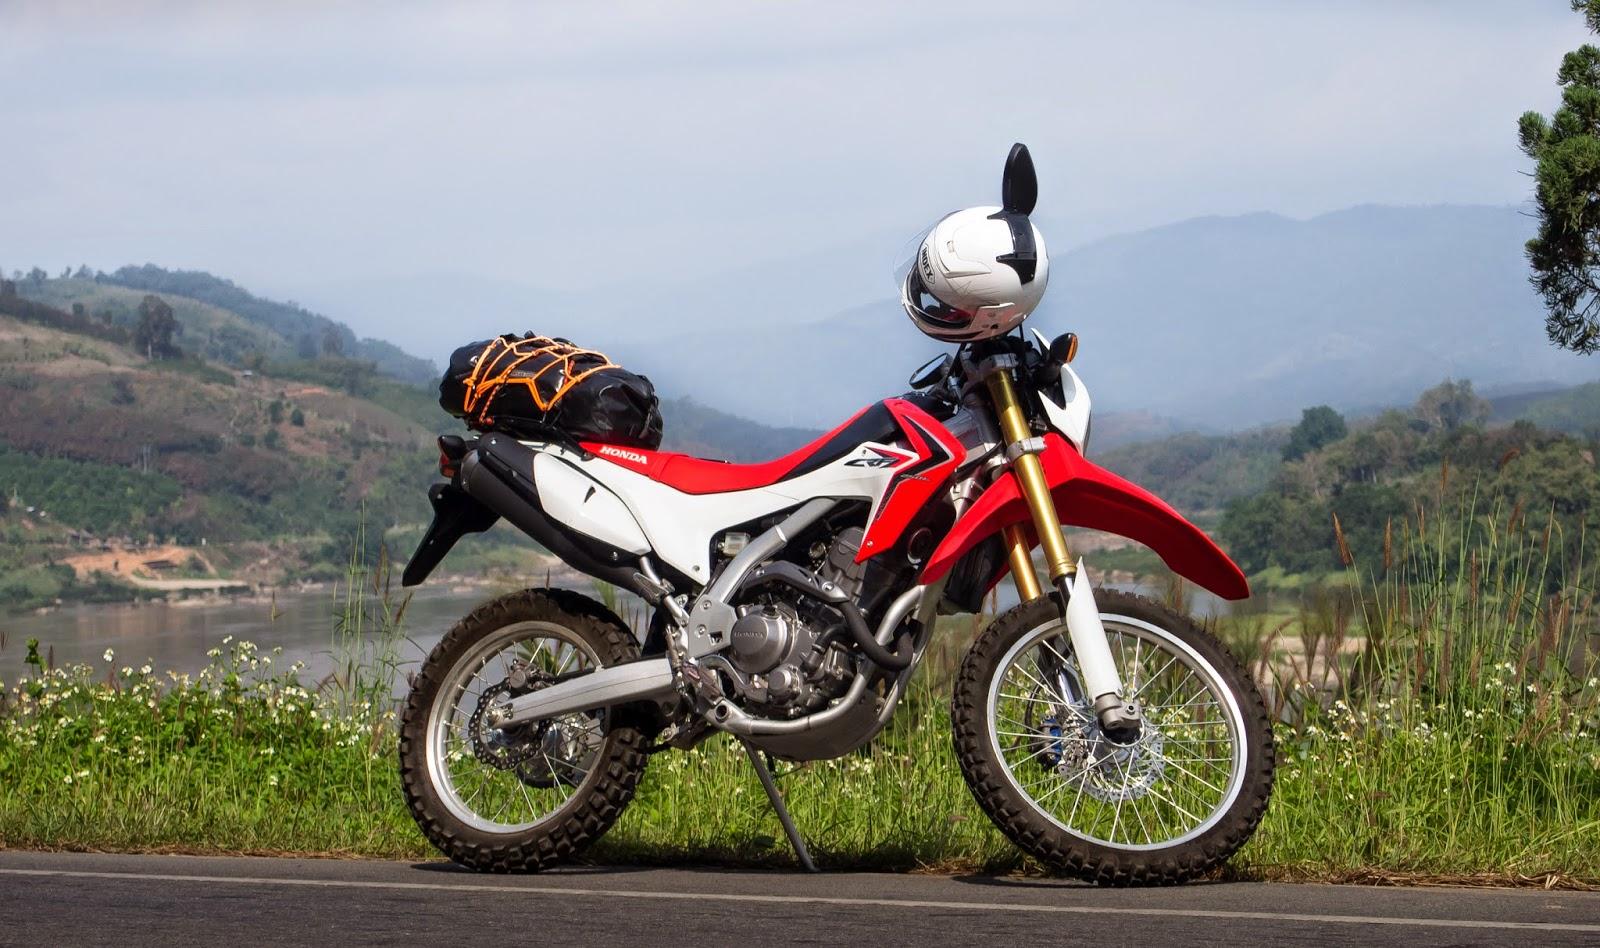 Honda Crff Vs Yamaha Ttr